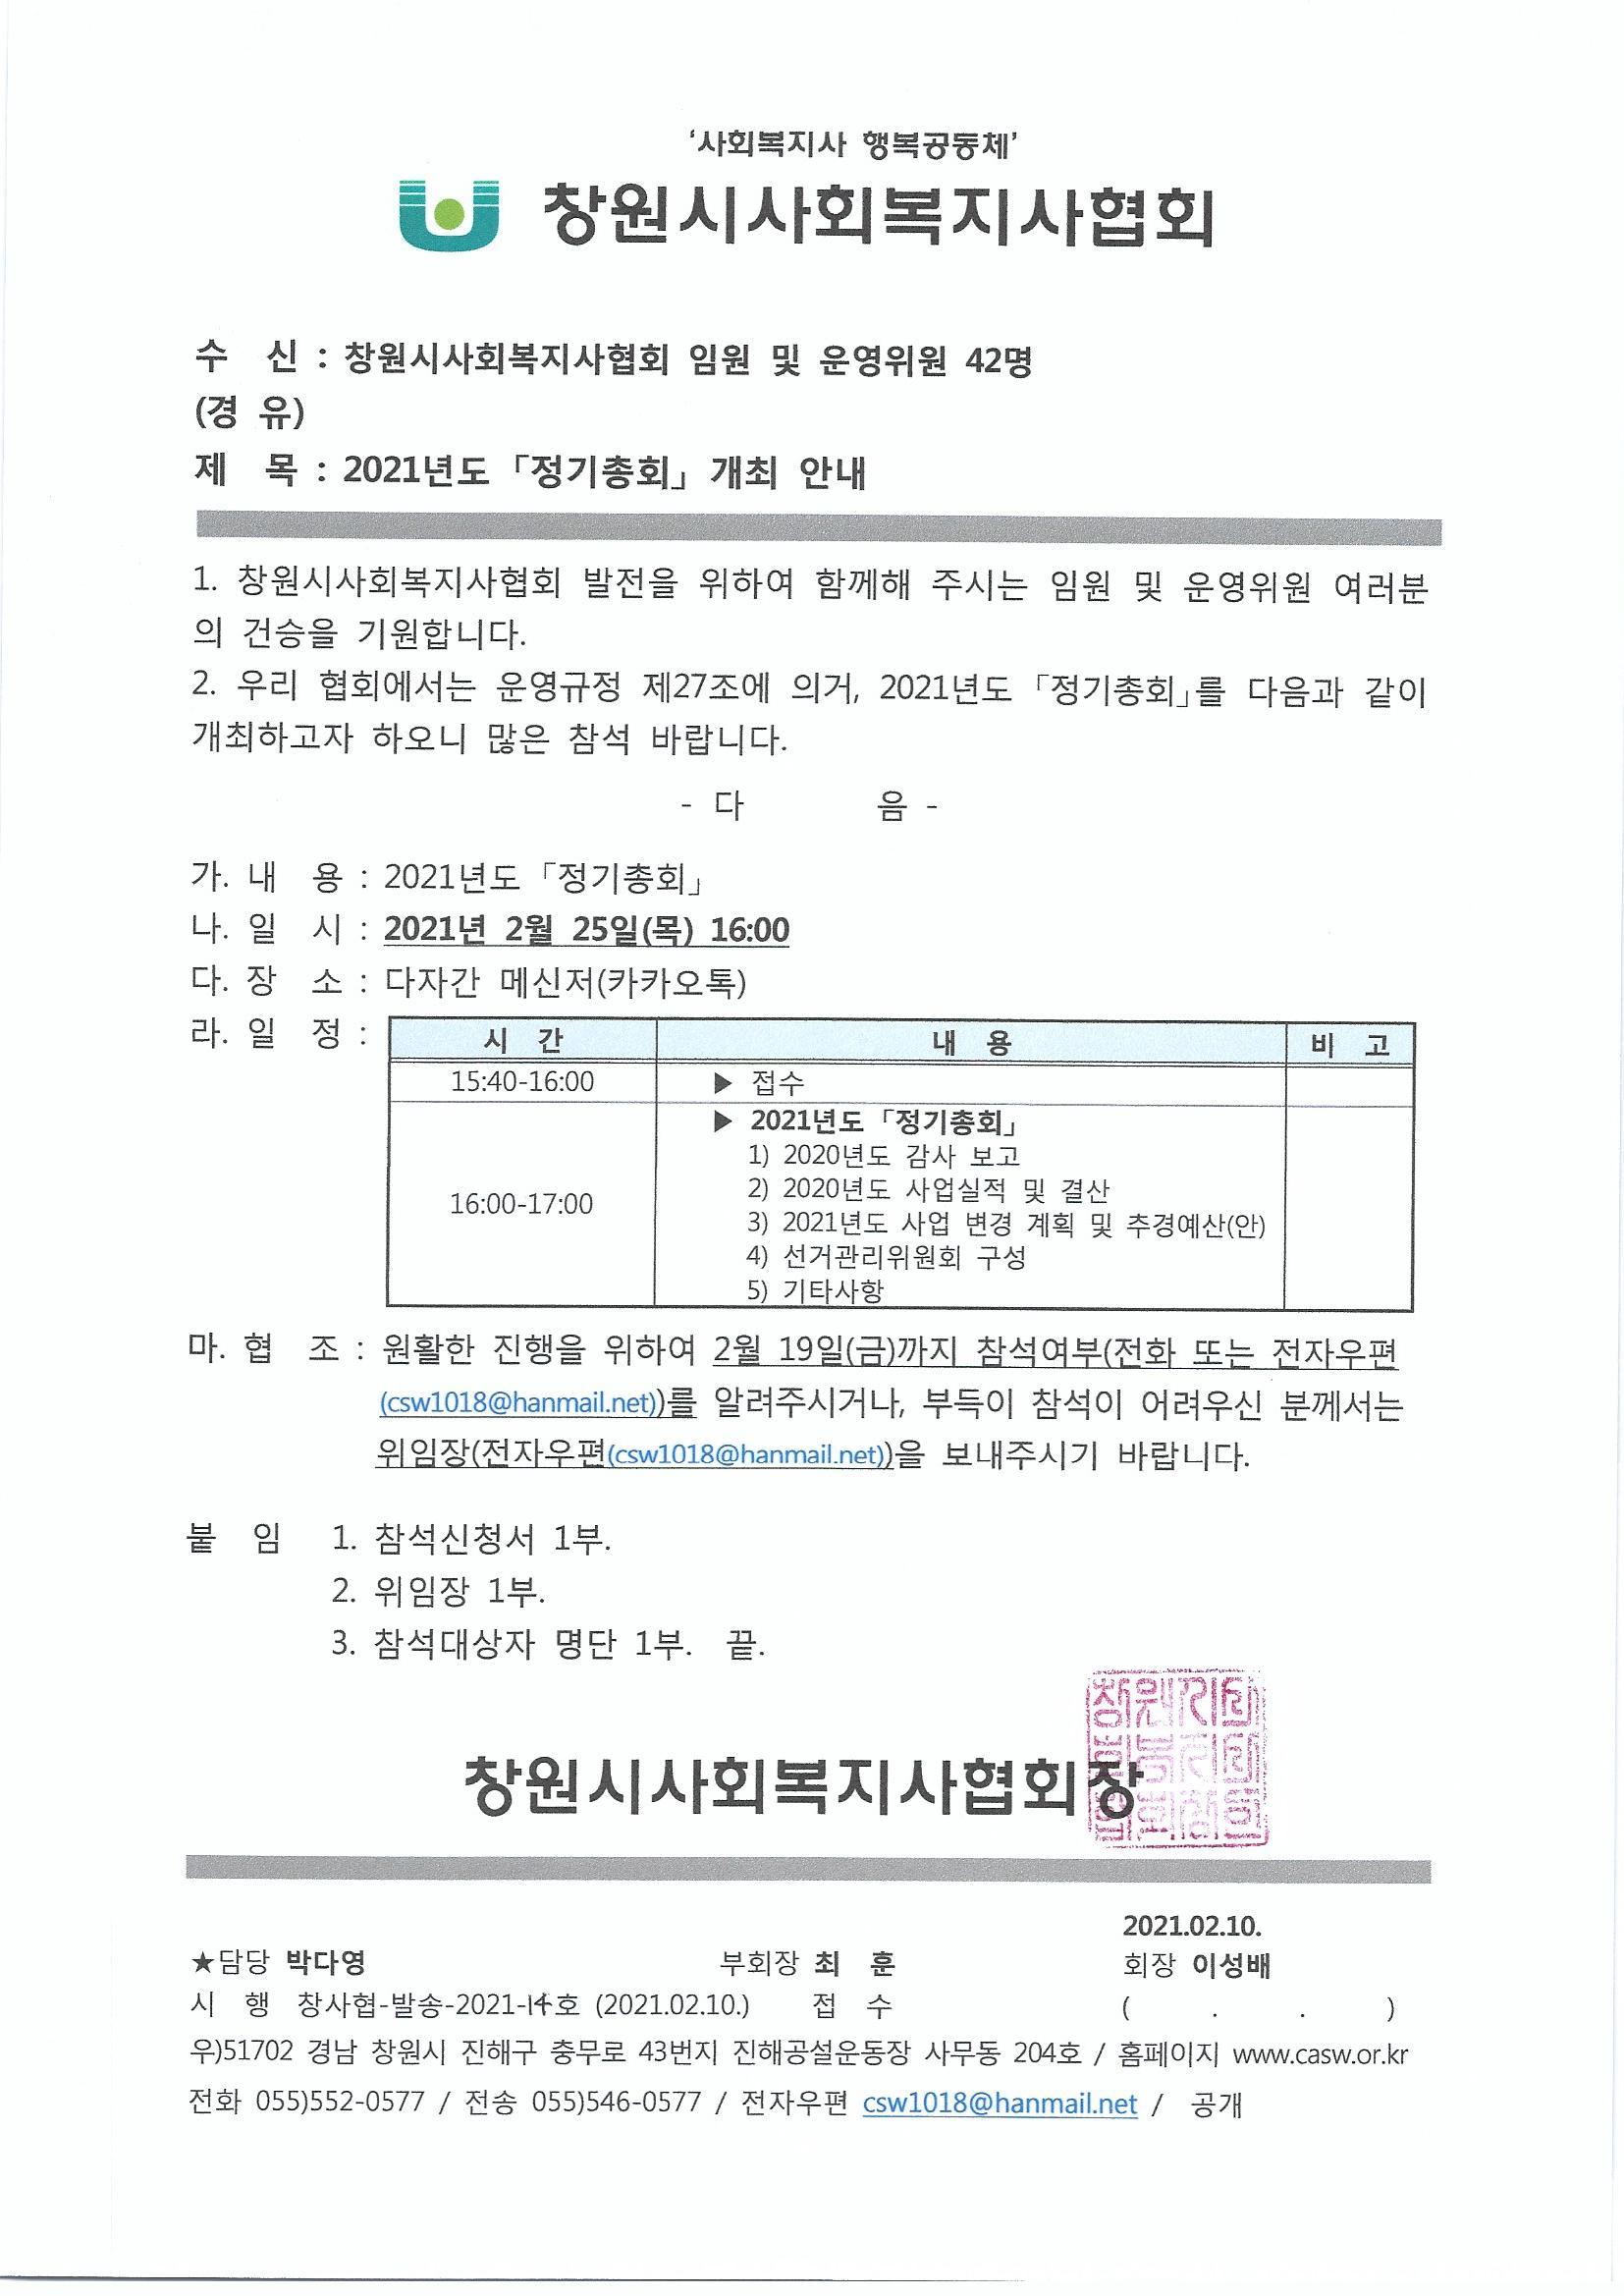 2021년도 정기총회 개최 안내.jpg